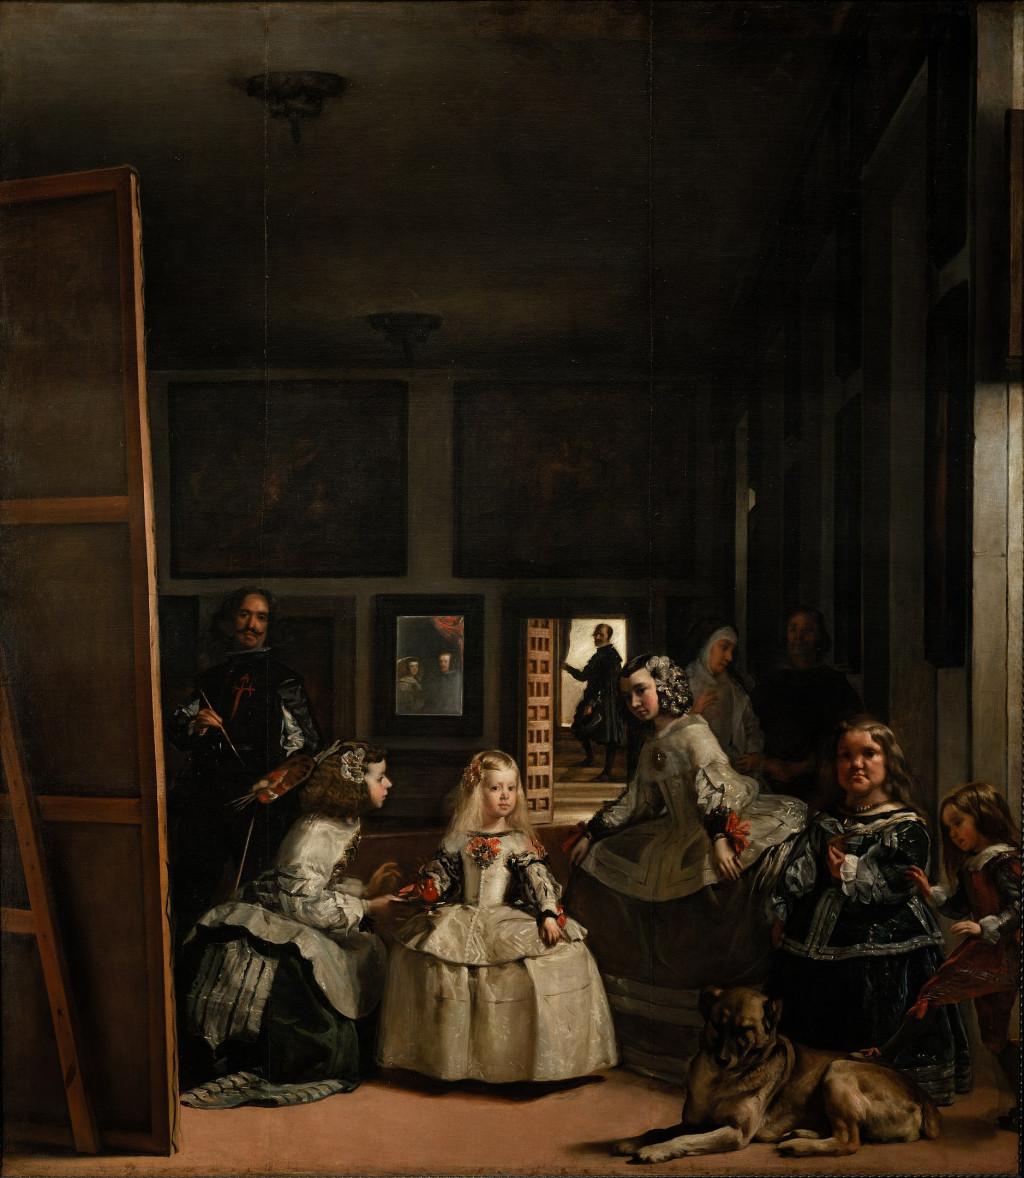 Diego Velázquez, 'Las Meninas', 1656. Collectie Museo del Prado, Madrid. Creative Commons 0: Publiek domein.